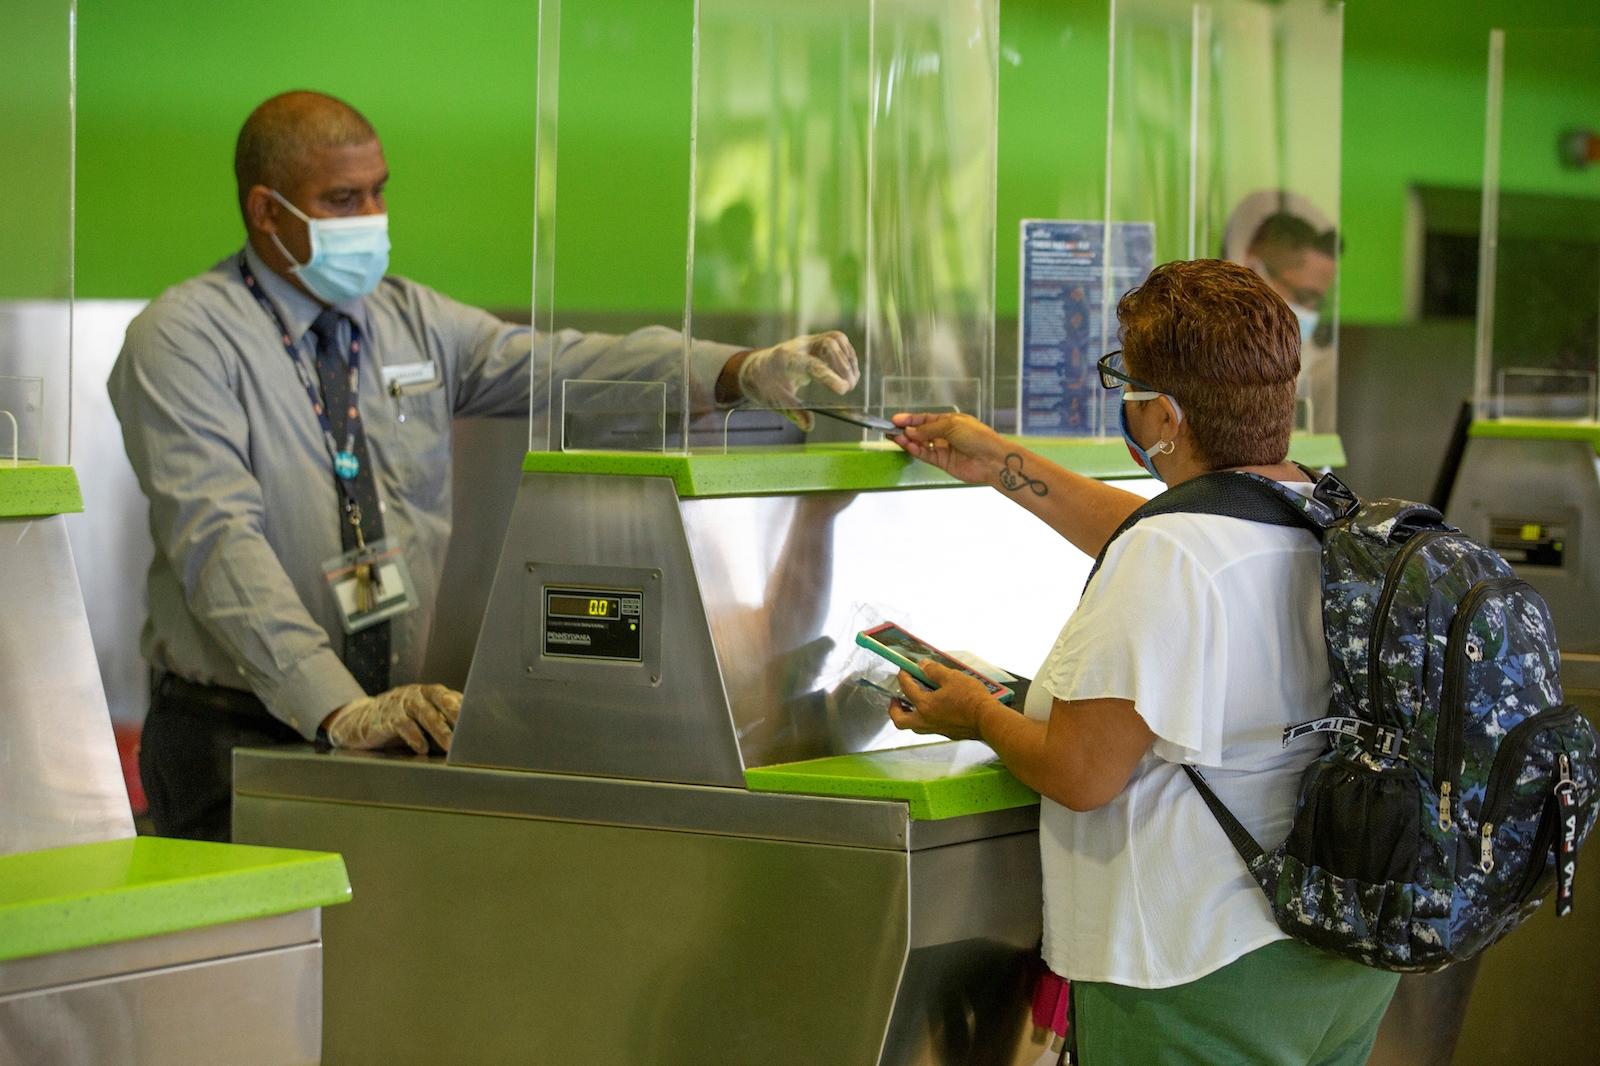 los protocolos de seguridad y salud del PUJ, siguen los parámetros de las organizaciones rectoras de los sectores aeronáutico y de salud nacionales e internacionales